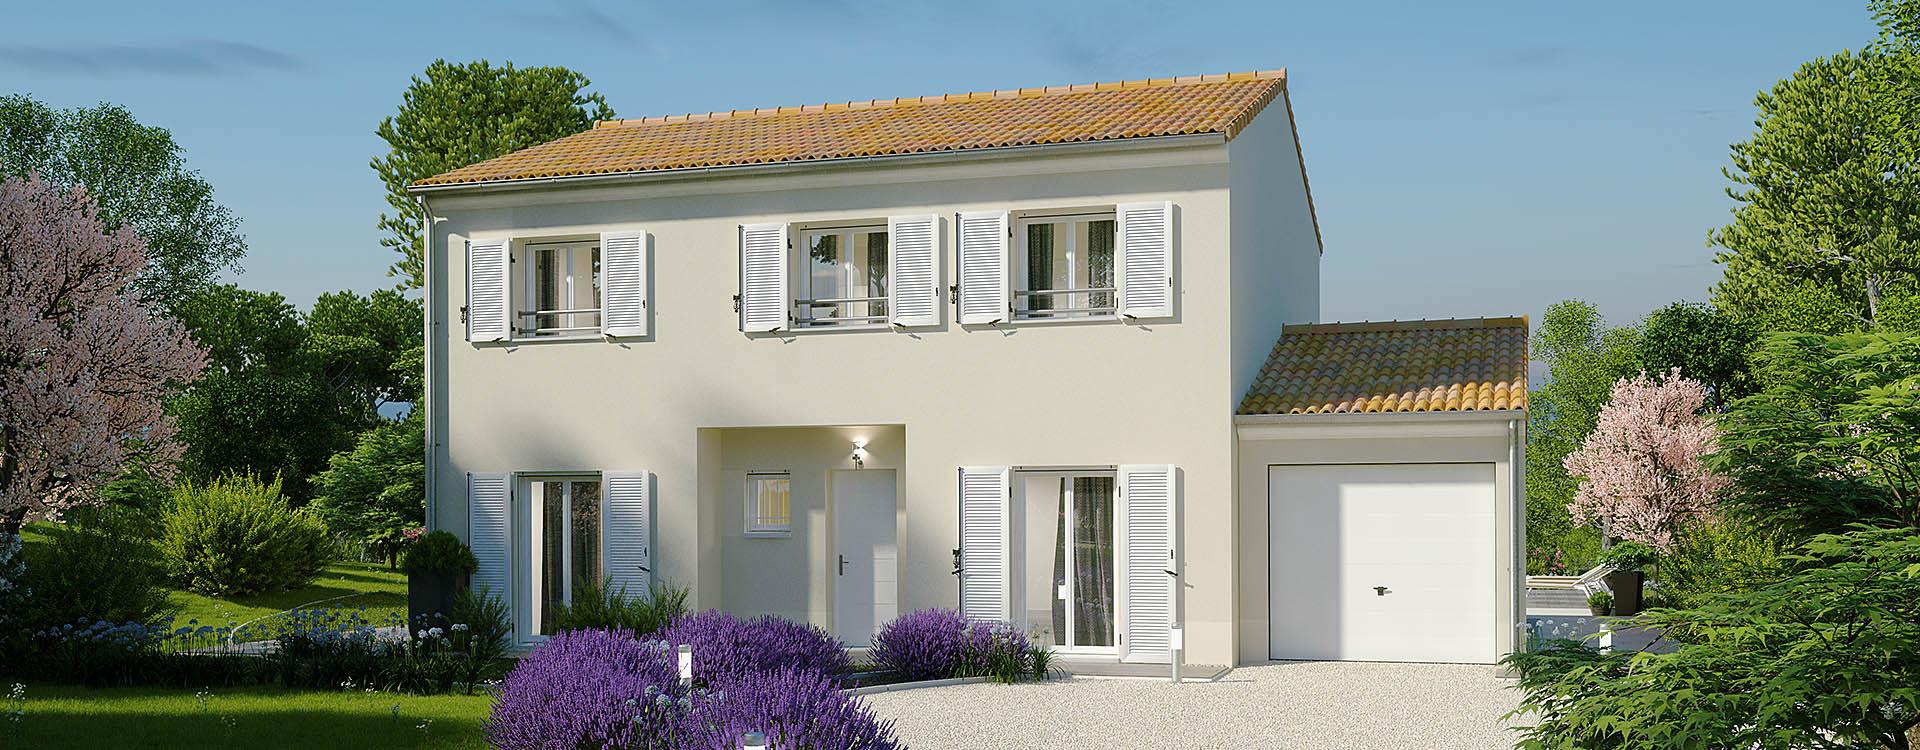 Maisons du constructeur MAISONS PIERRE • 118 m² • OLLAINVILLE